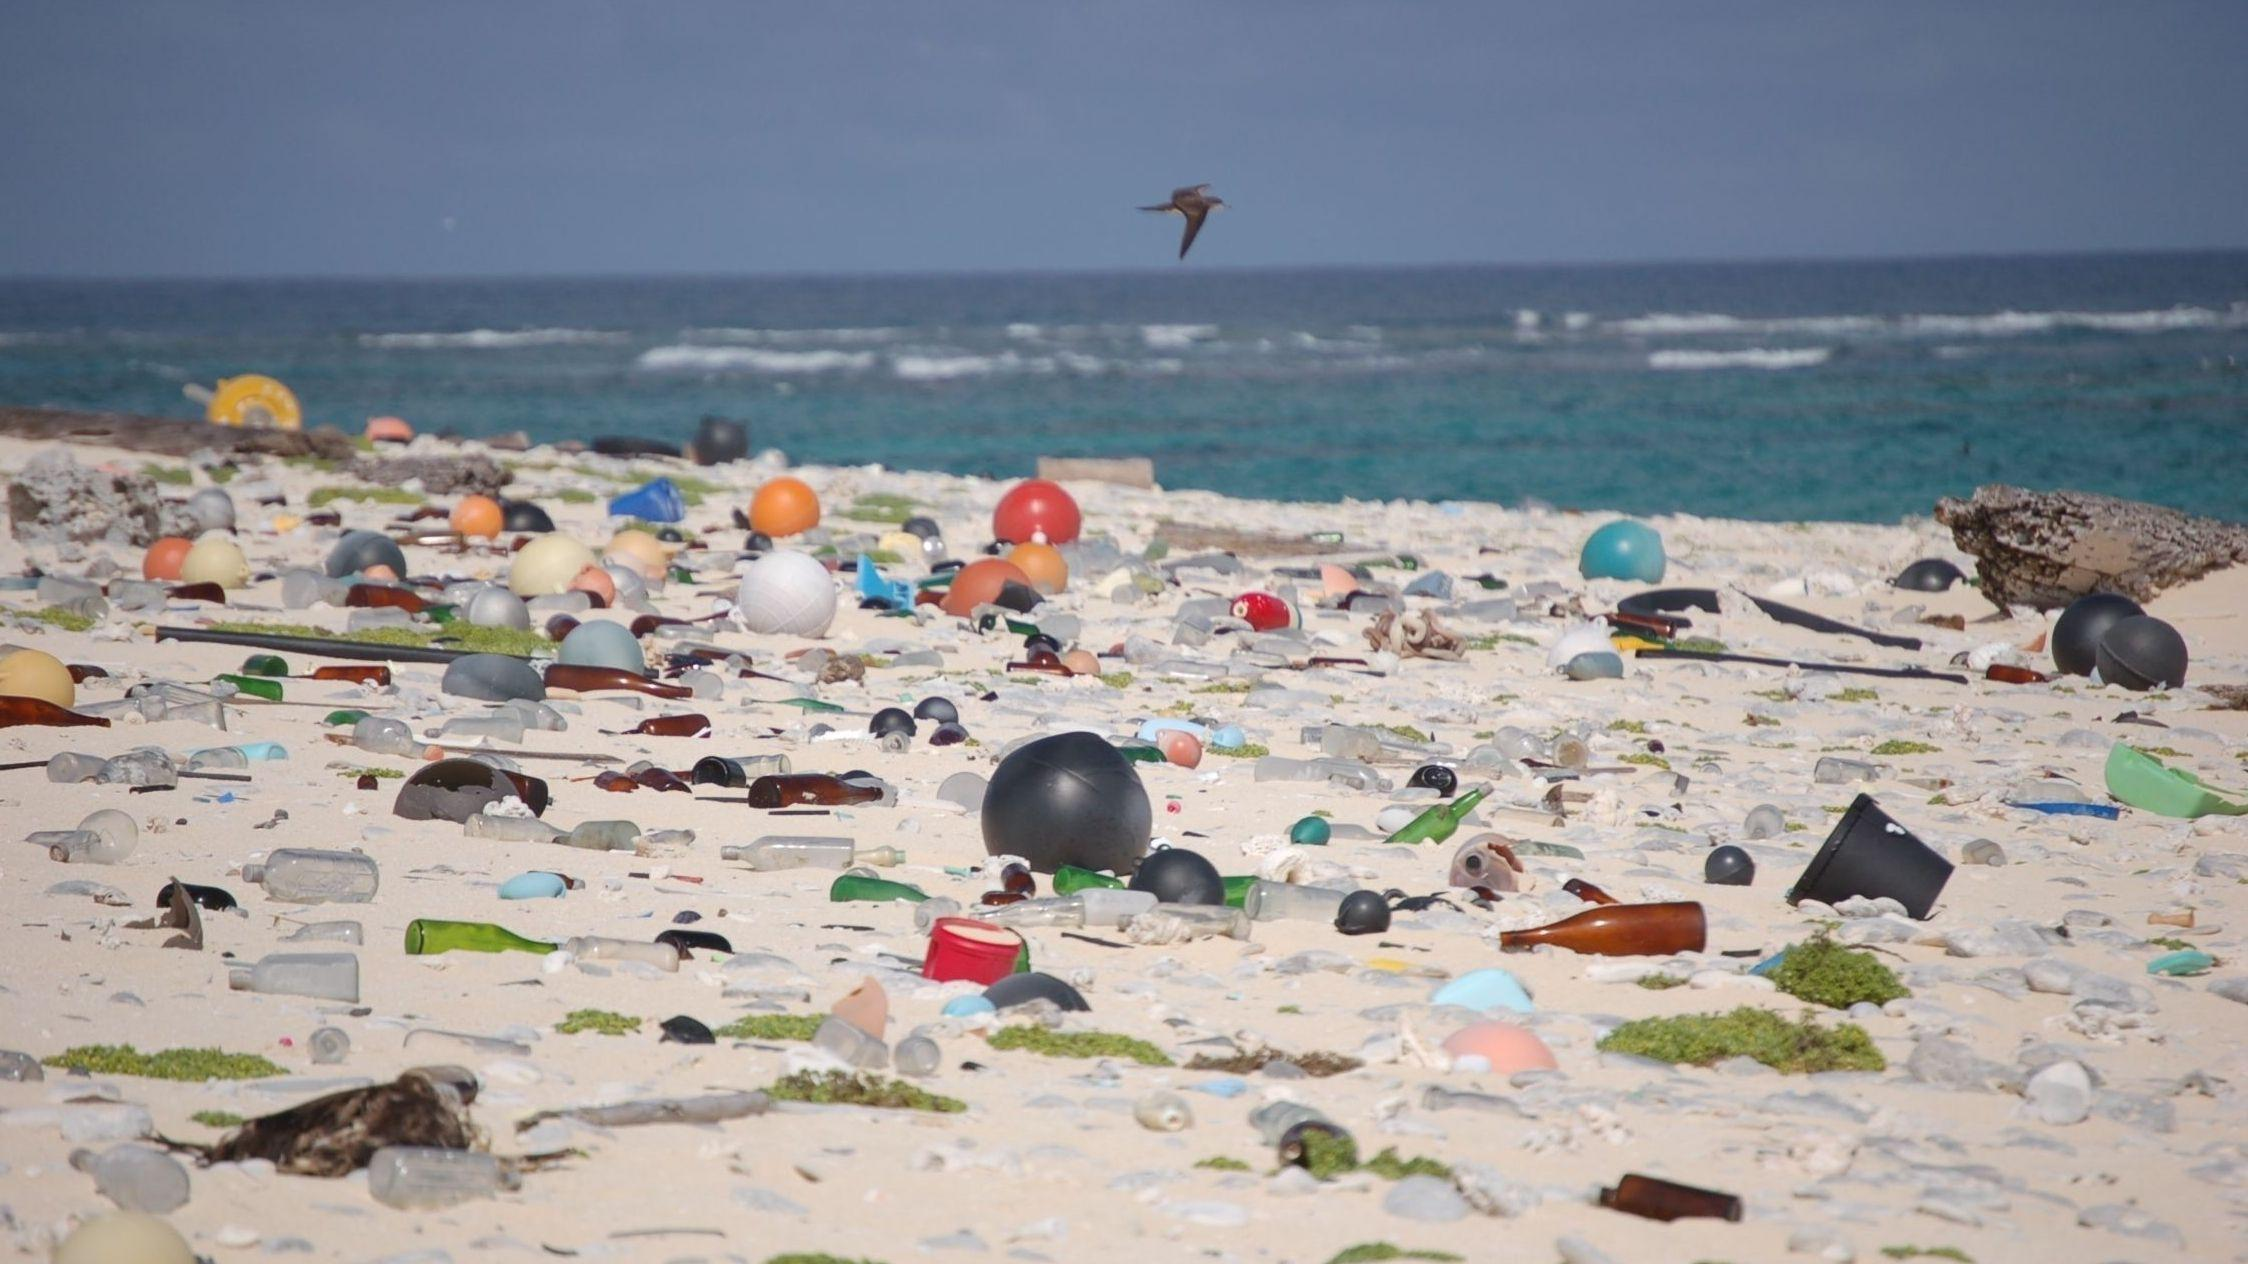 Hvert verdenshav har en gigantisk malstrøm av plastsøppel